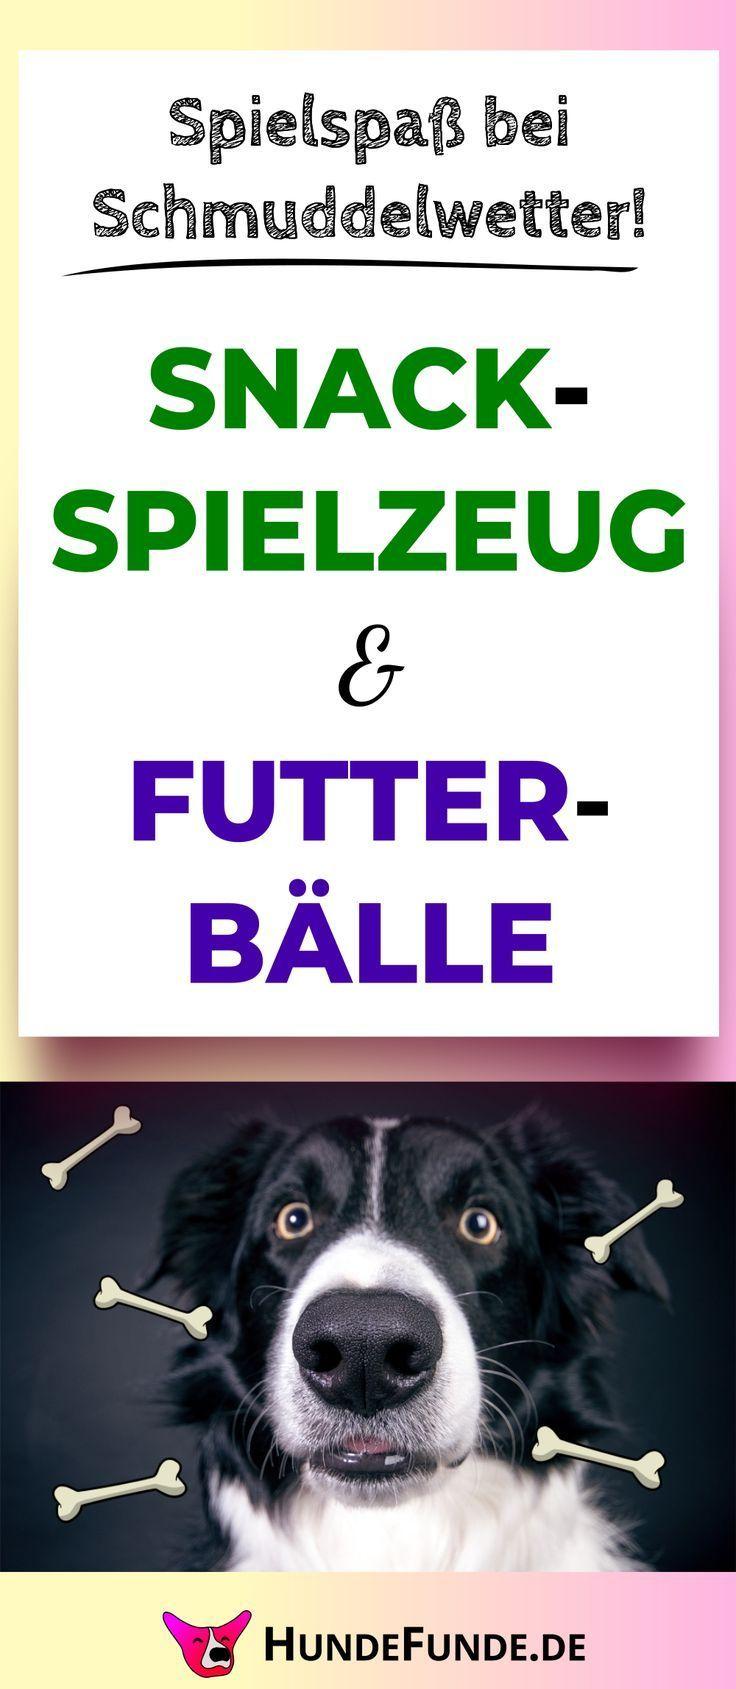 Die Konzentrierte Futtersuche Macht Hunde Glucklich Und Verkauft Langeweile Die Futtersuche Glucklich Hunde Konzentrierte Langew In 2020 Dogs Poster Animals